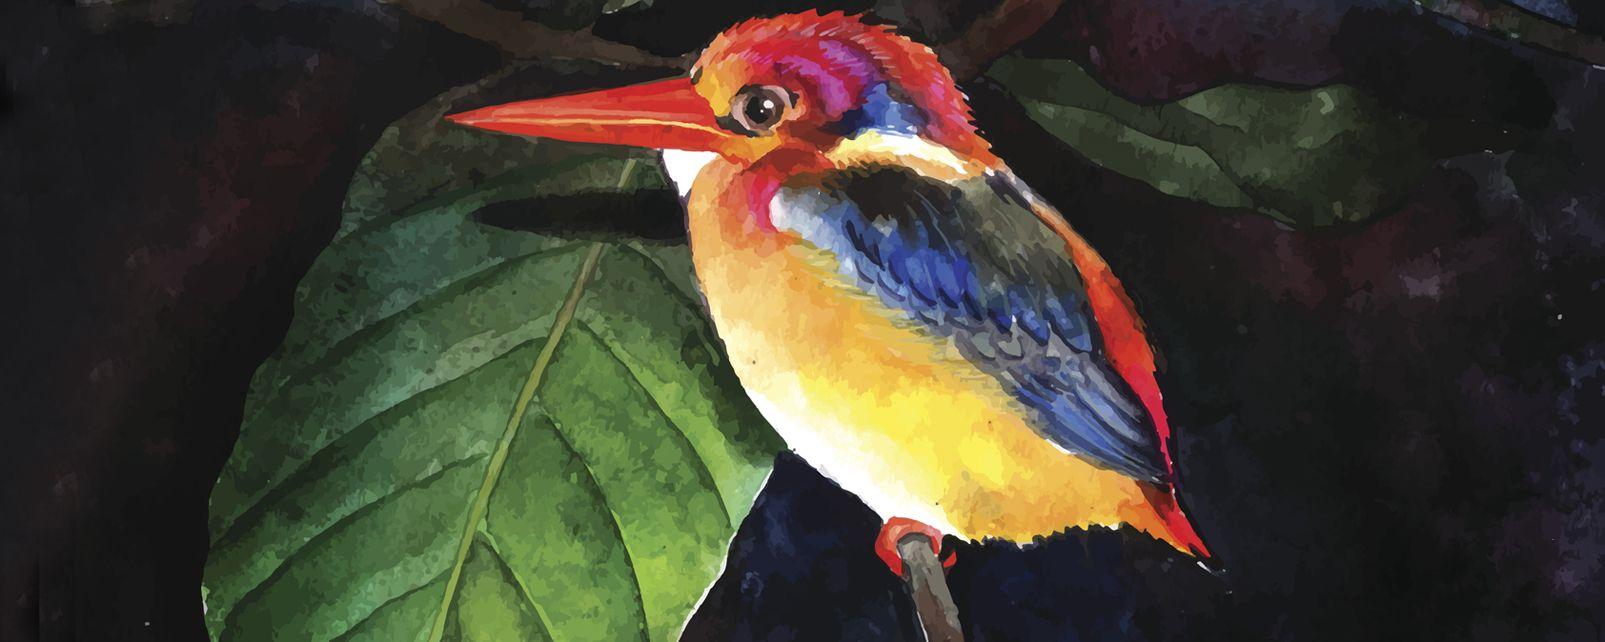 Wandmalerei, Die Malerei, Die Künste und die Kultur, Kapverden